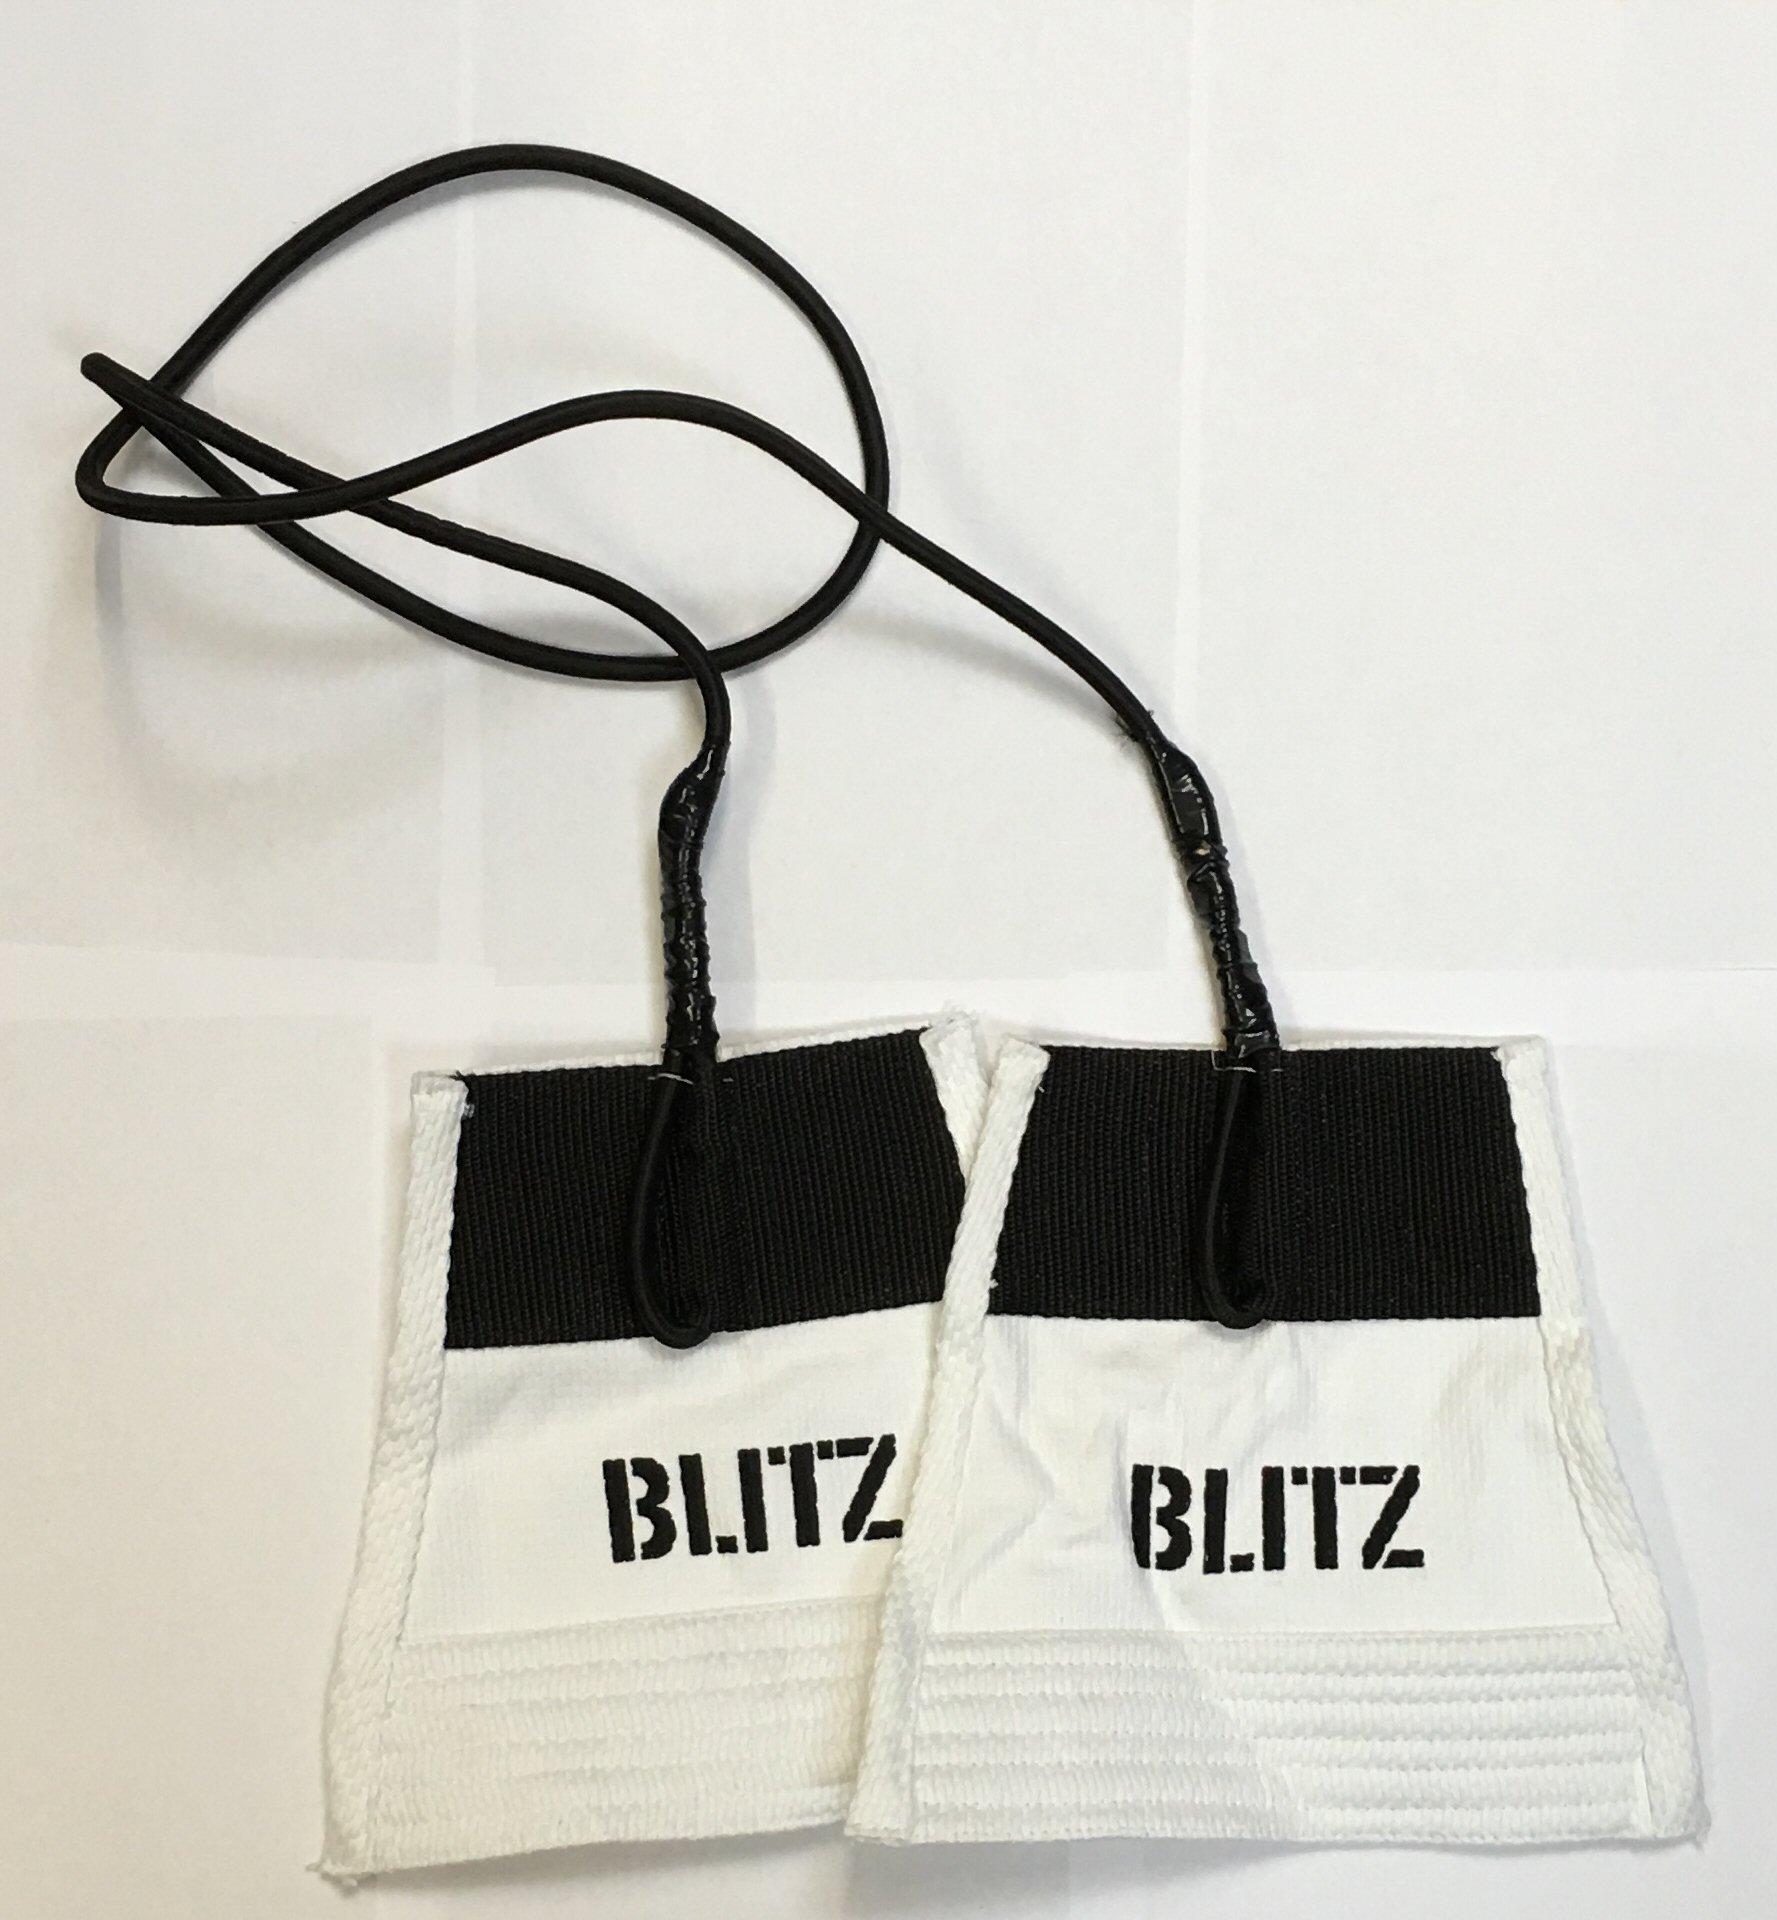 Blitz Kids Judo Jiu Jitsu Grip Uchi Komi Resistance Band